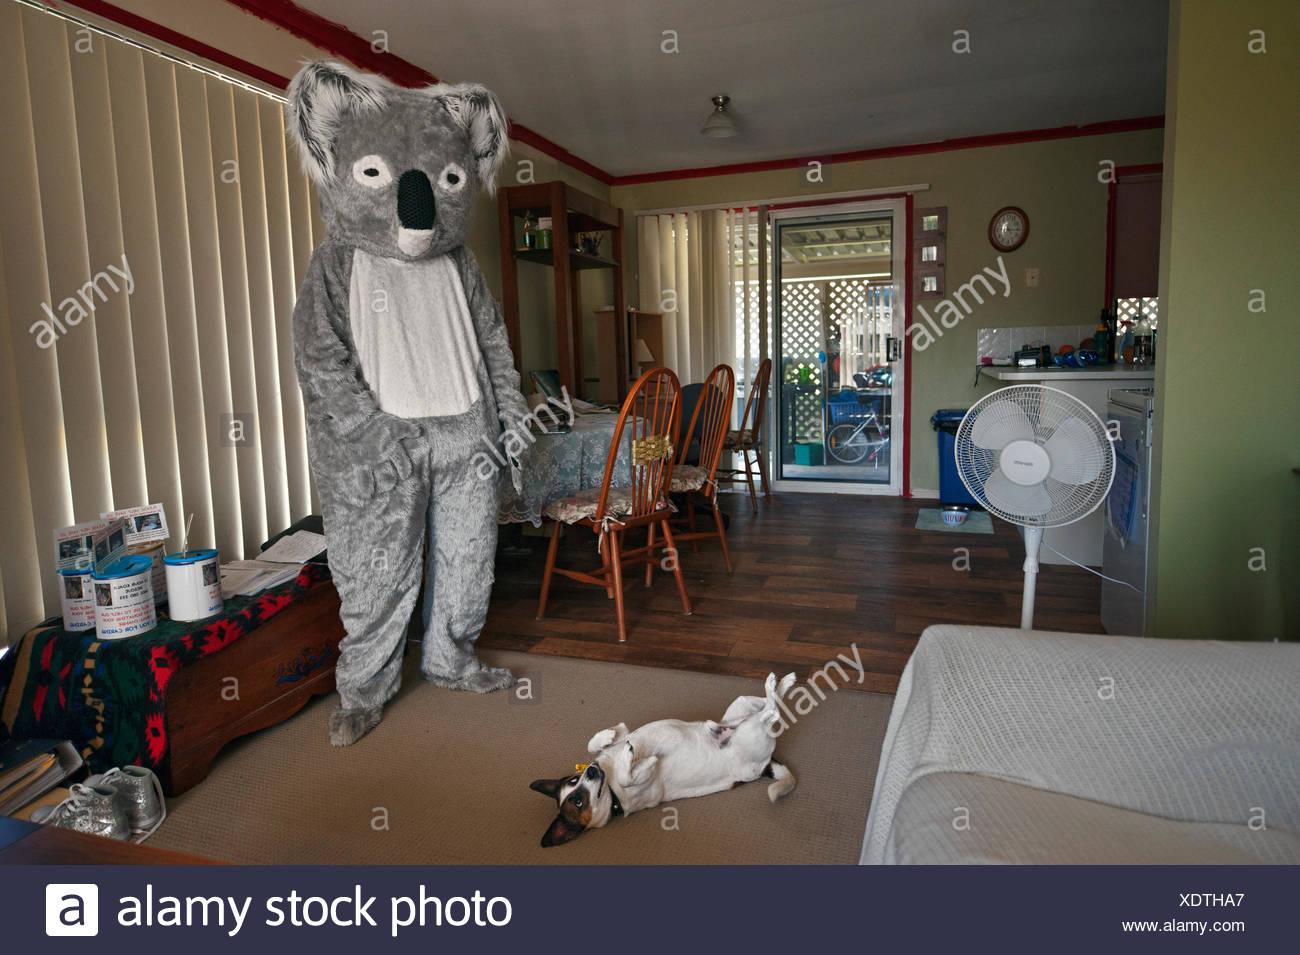 Ein freiwilliger dons einen Koala-Anzug bei Veranstaltungen zur Sensibilisierung der Öffentlichkeit. Stockbild